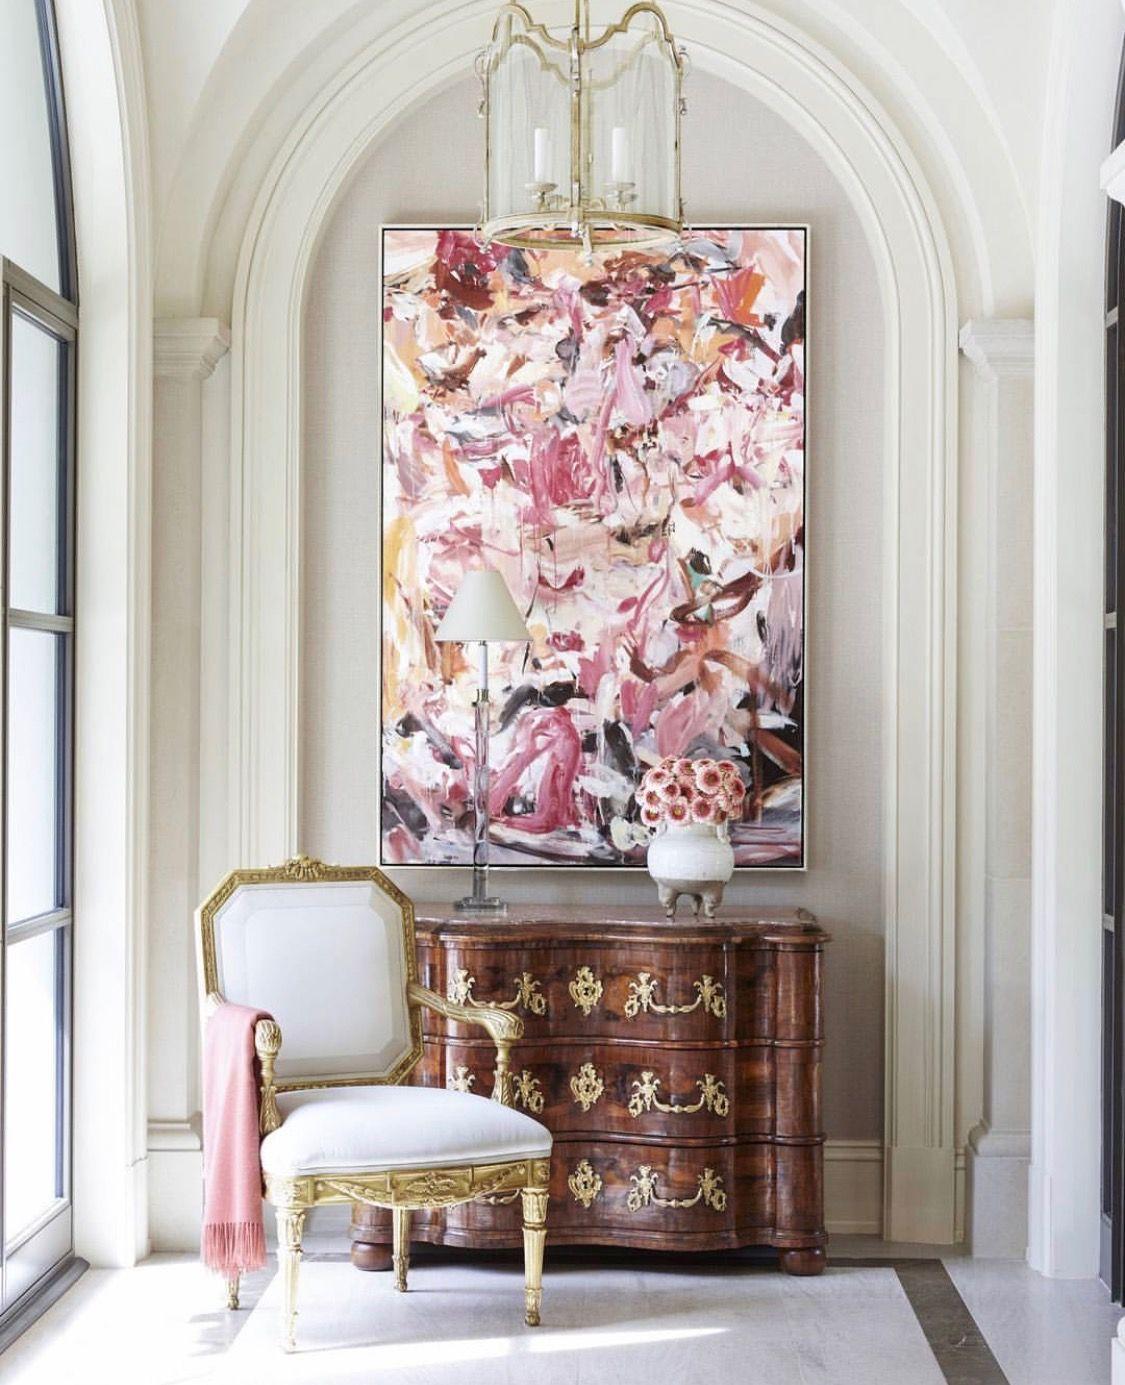 J Randall Powers Interior Design: Pin By Annette H. Evans On Modern Art